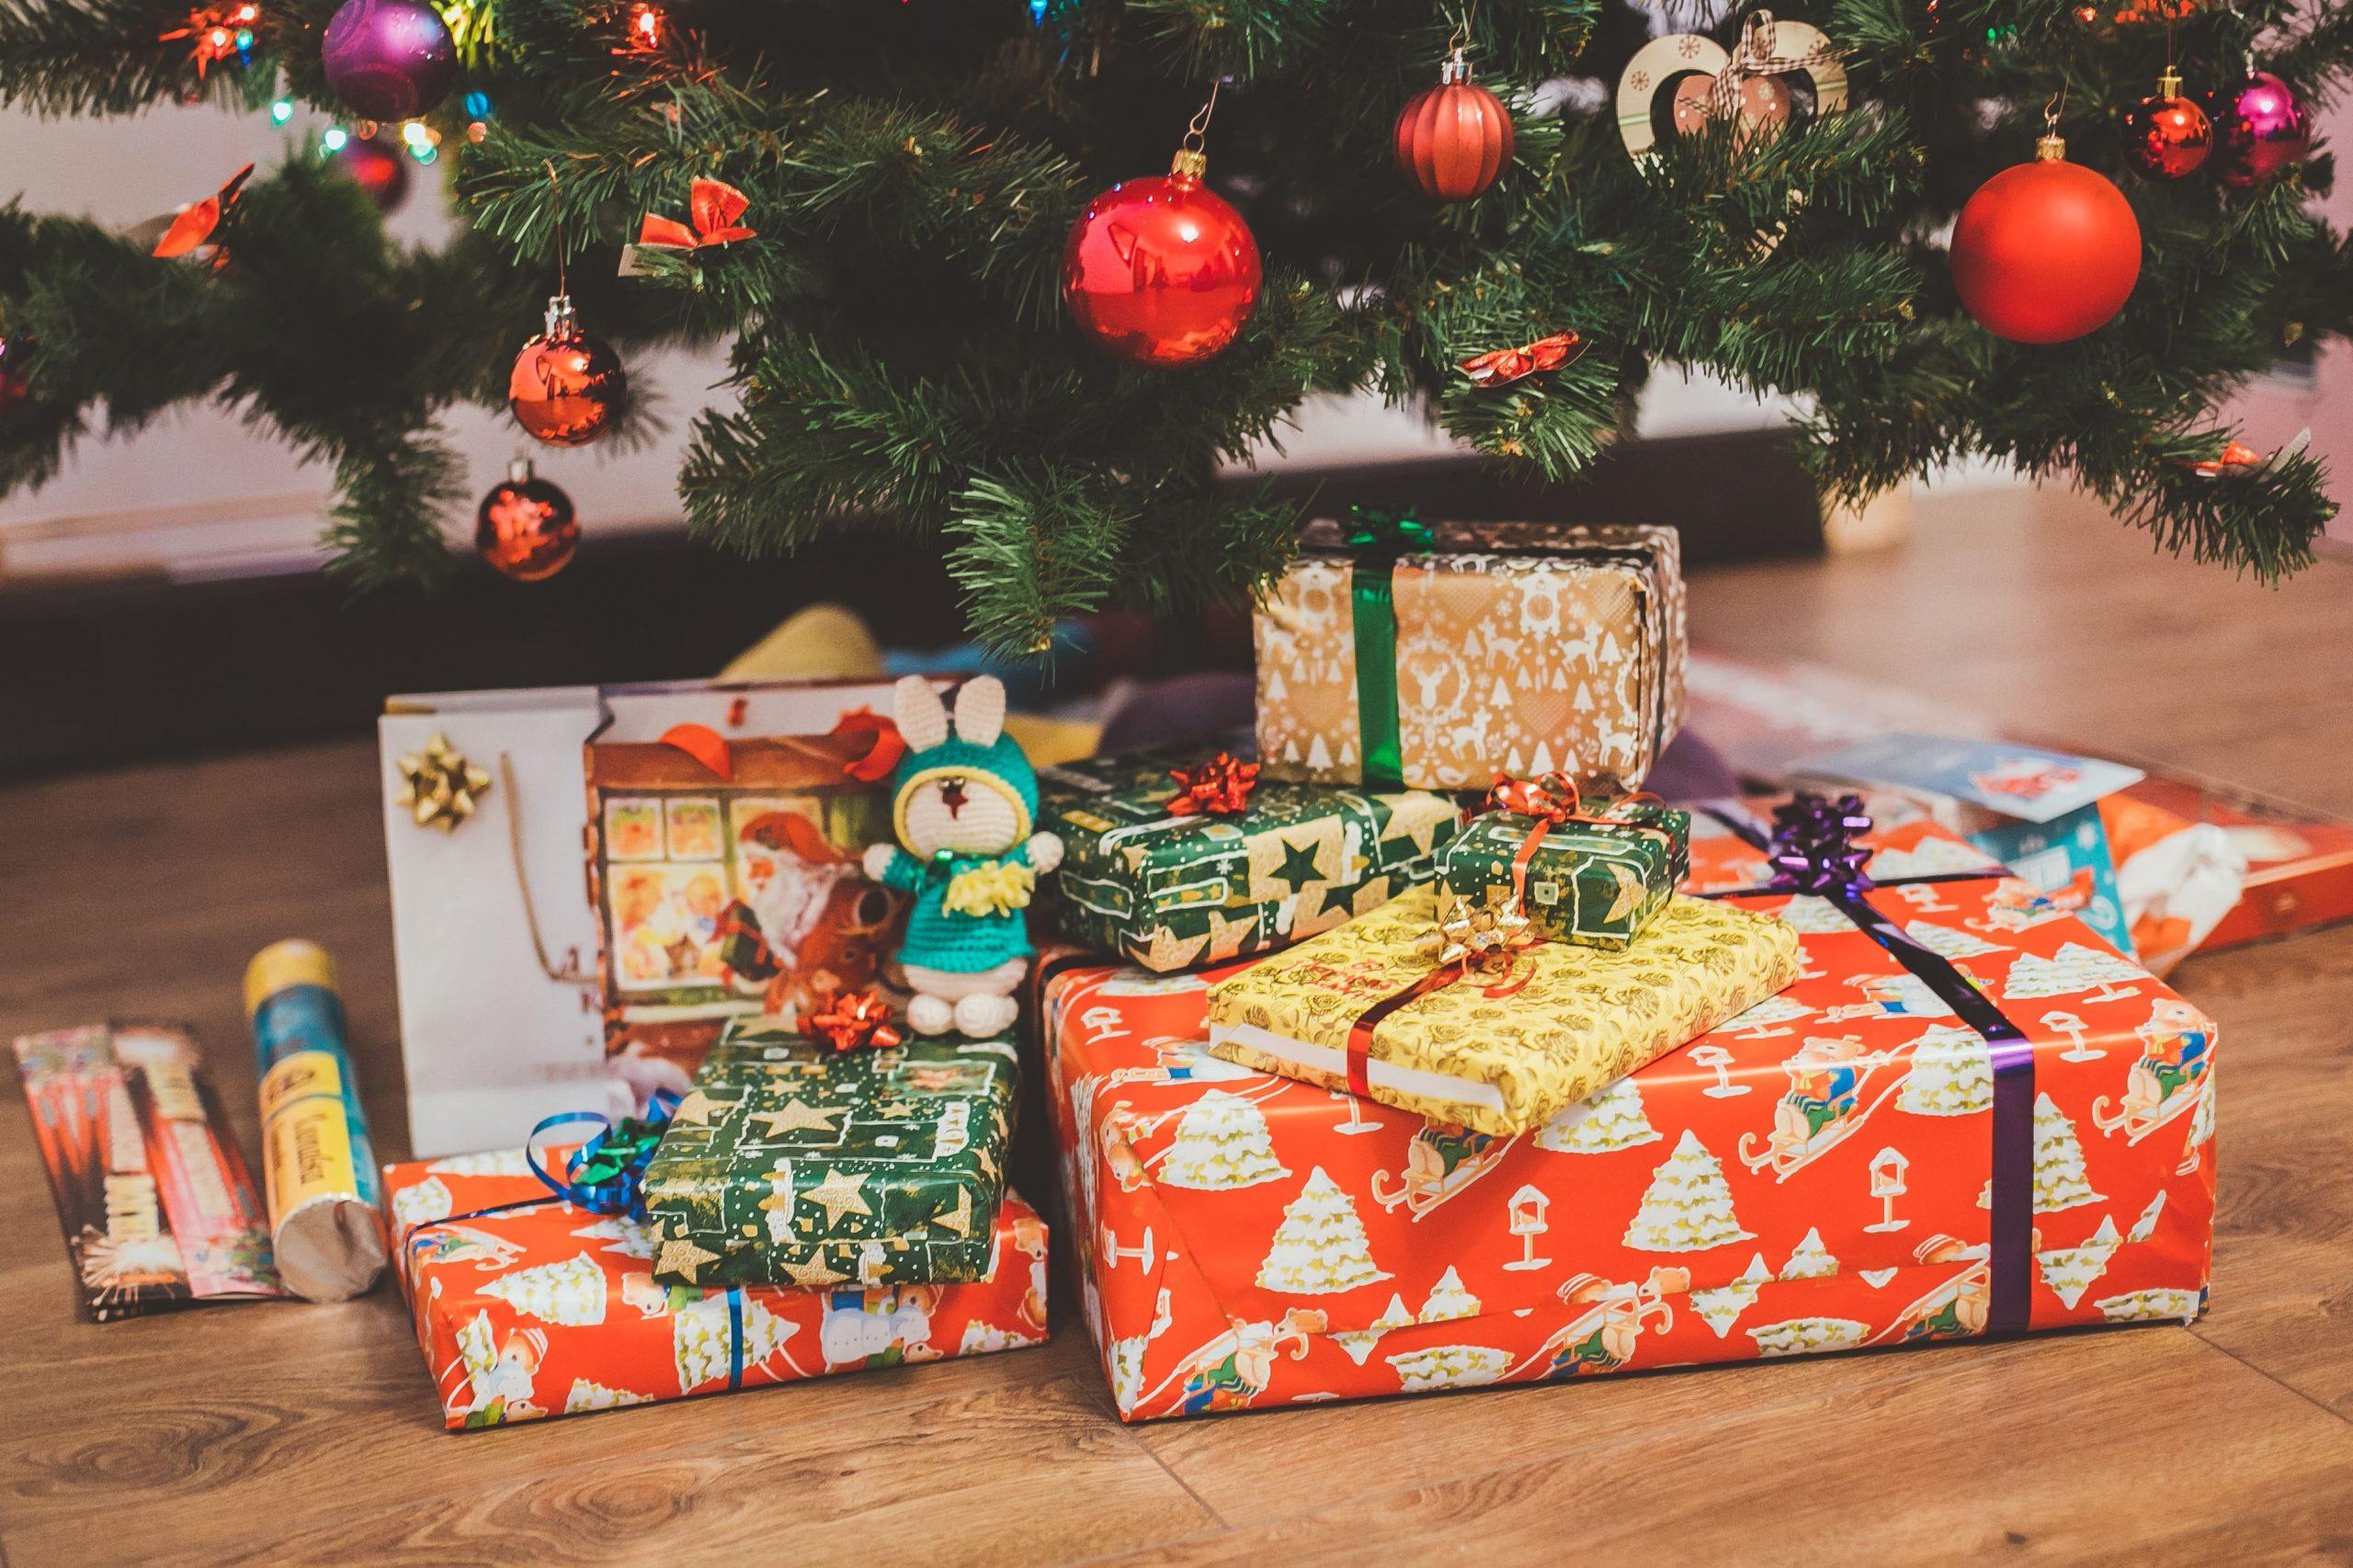 Individuelle Weihnachtsgeschenke gestalten